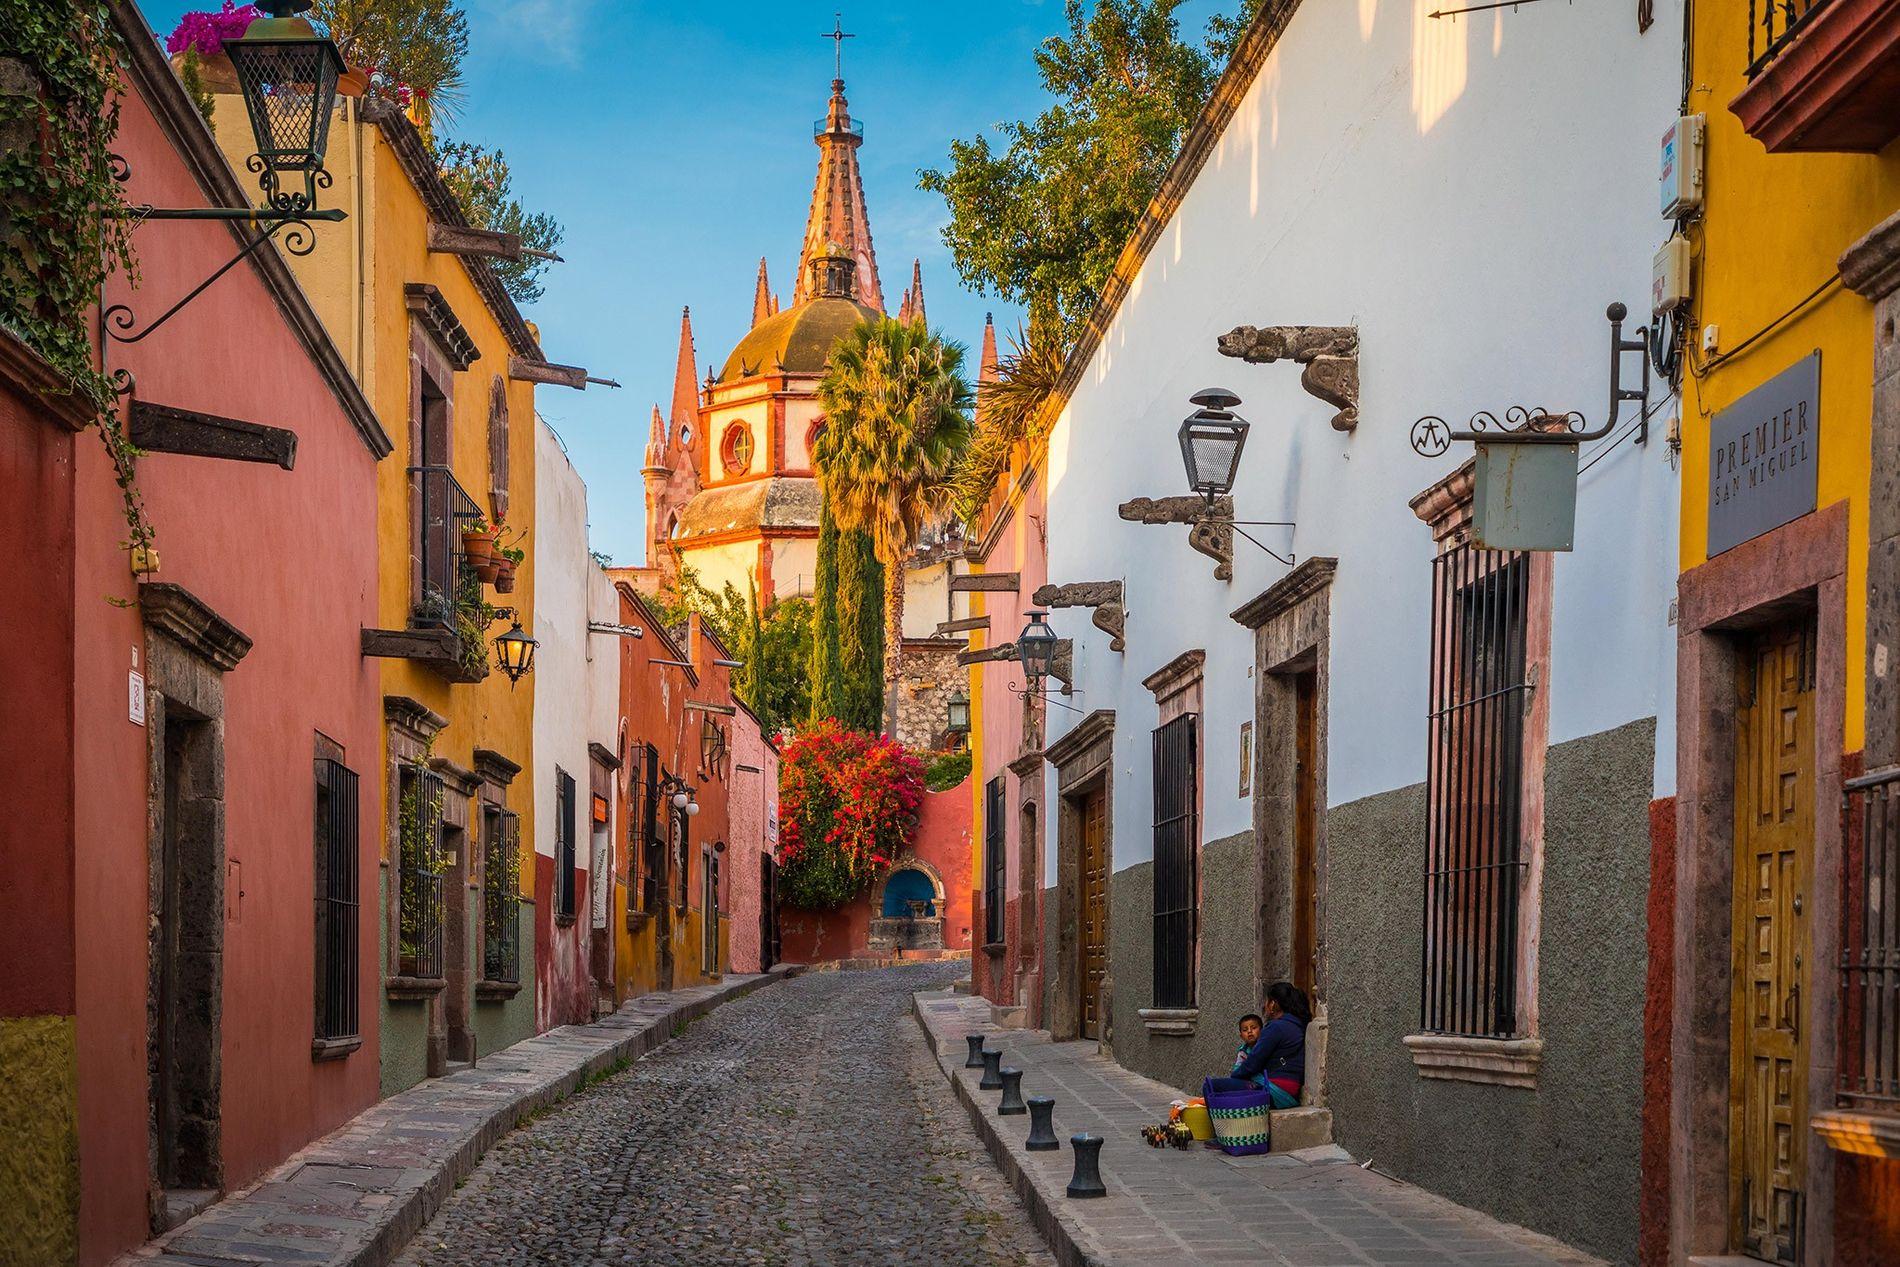 Edificios luminosos y una arquitectura reconocida por la UNESCO distinguen esta ciudad de siglos de antigüedad, que también es cuna de las mejores tazas de café a nivel mundial.